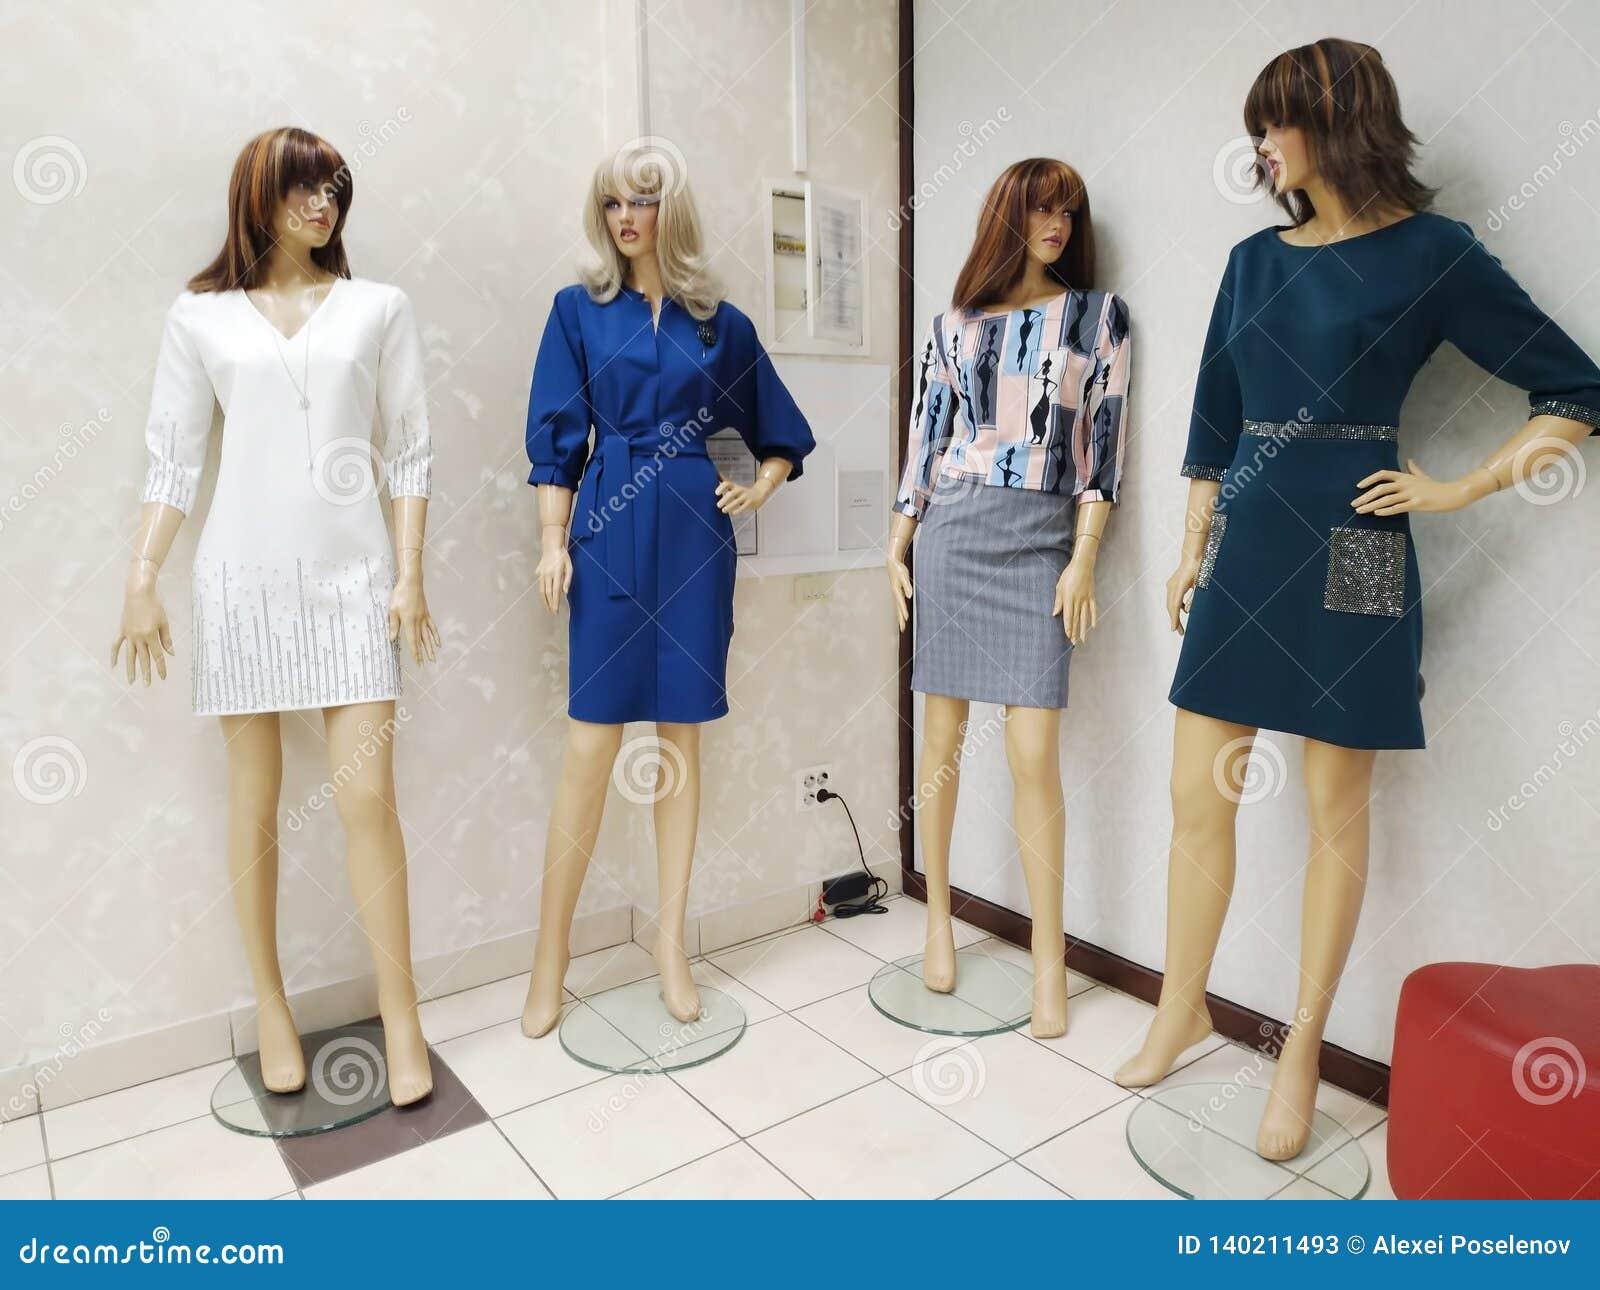 Τέσσερα θηλυκά μανεκέν έντυσαν στη διάφορη θηλυκή στάση ενδυμάτων στη γωνία στο κατάστημα Ostin